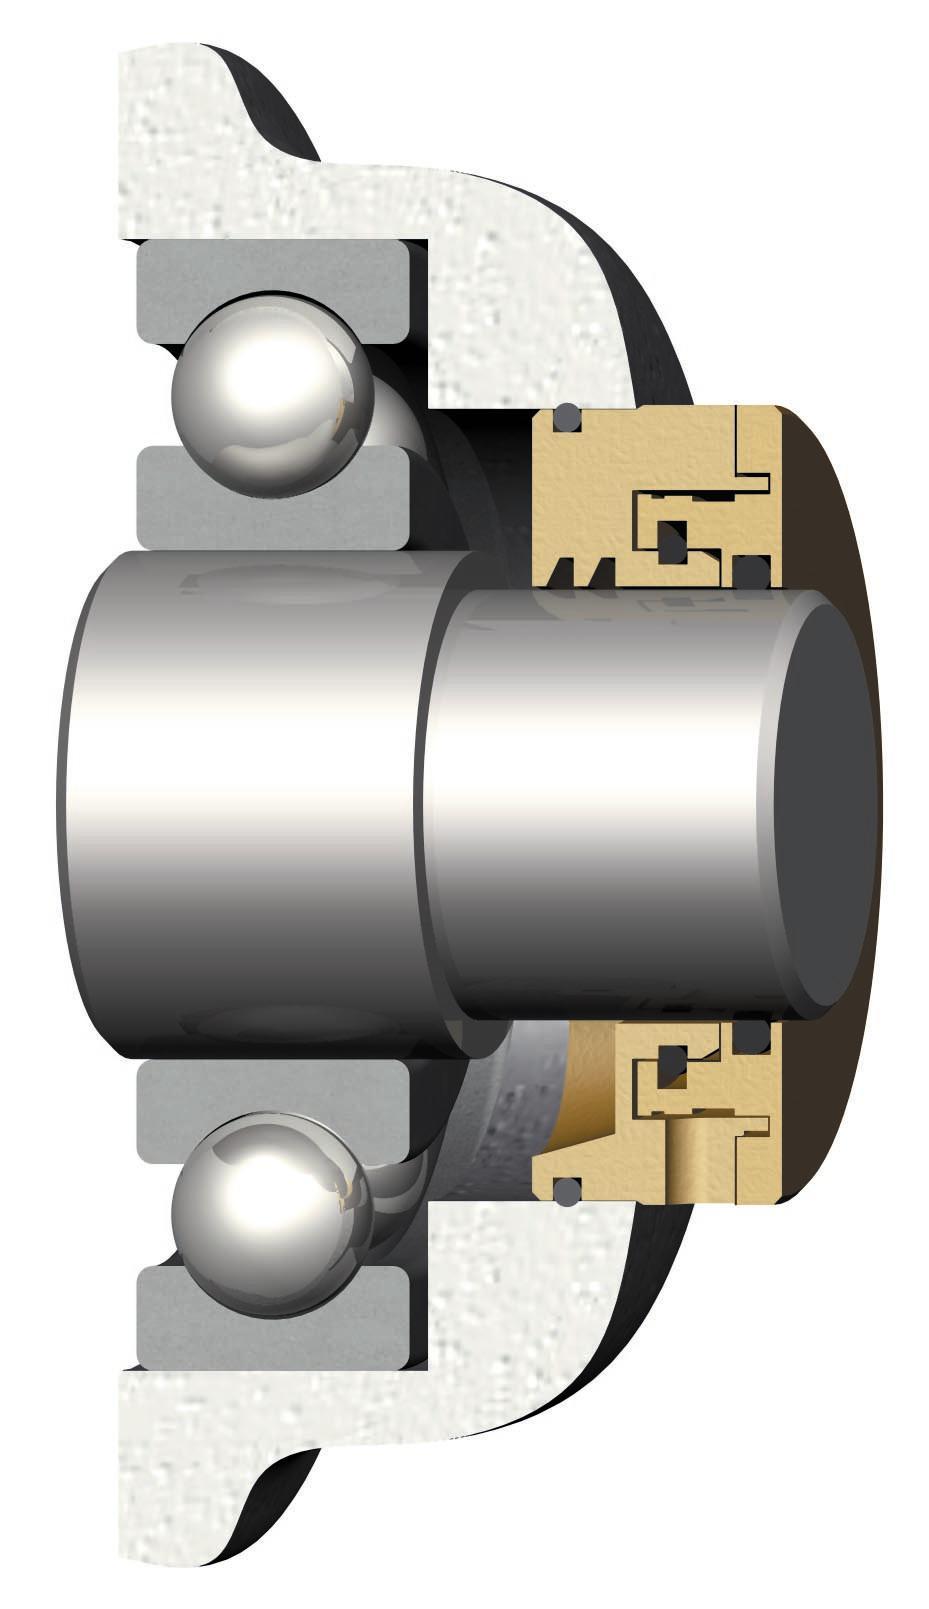 Baldor Motores Ieee841 Motorreductores Y Controles S A